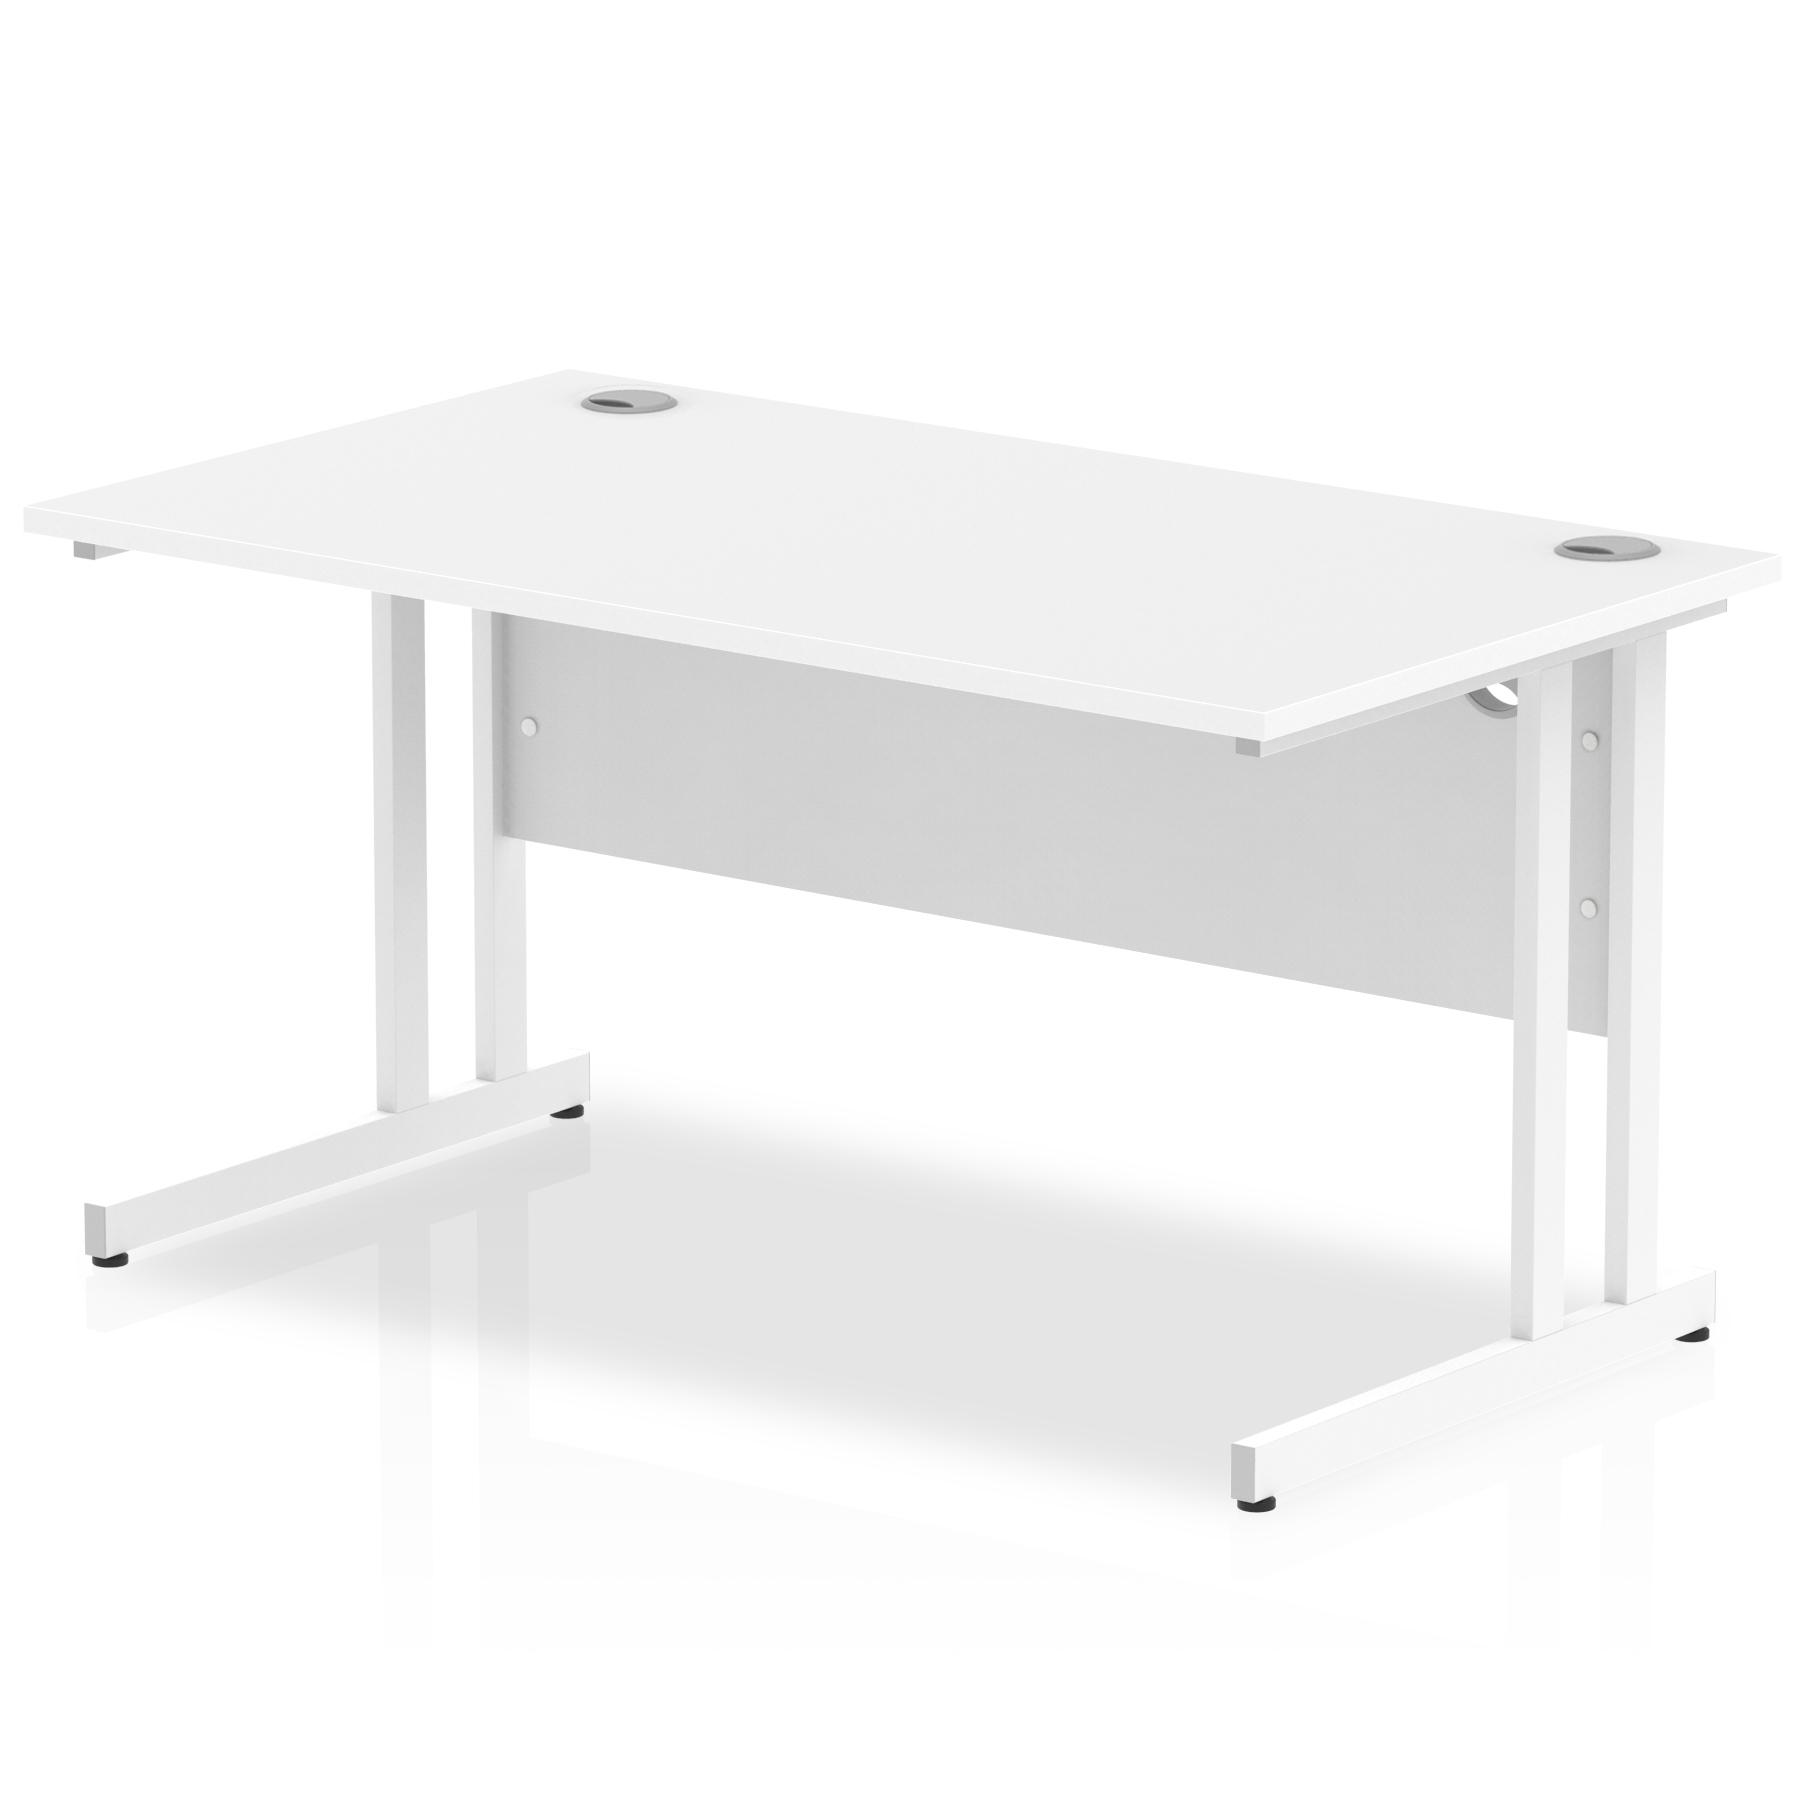 Rectangular Desks Impulse 1400 x 800mm Straight Desk White Top White Cantilever Leg MI002192